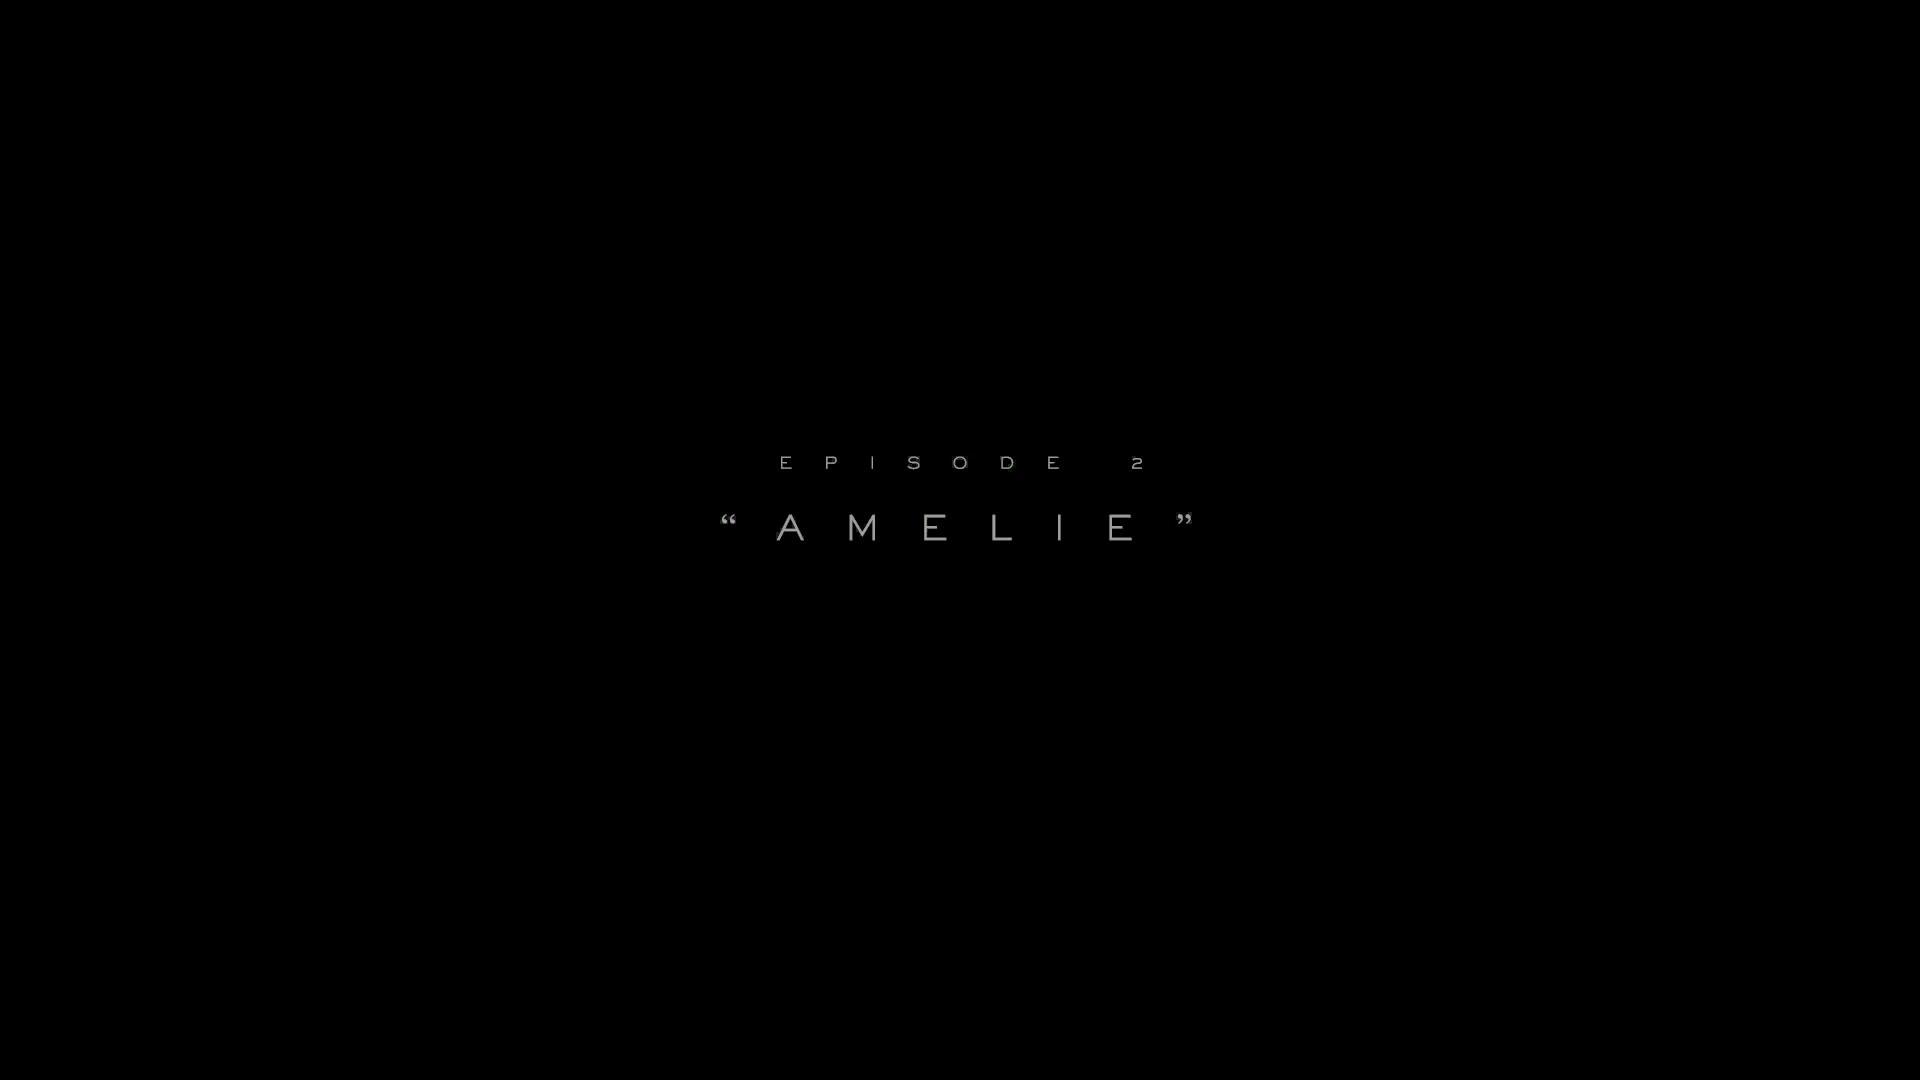 Episode 2: Amelie